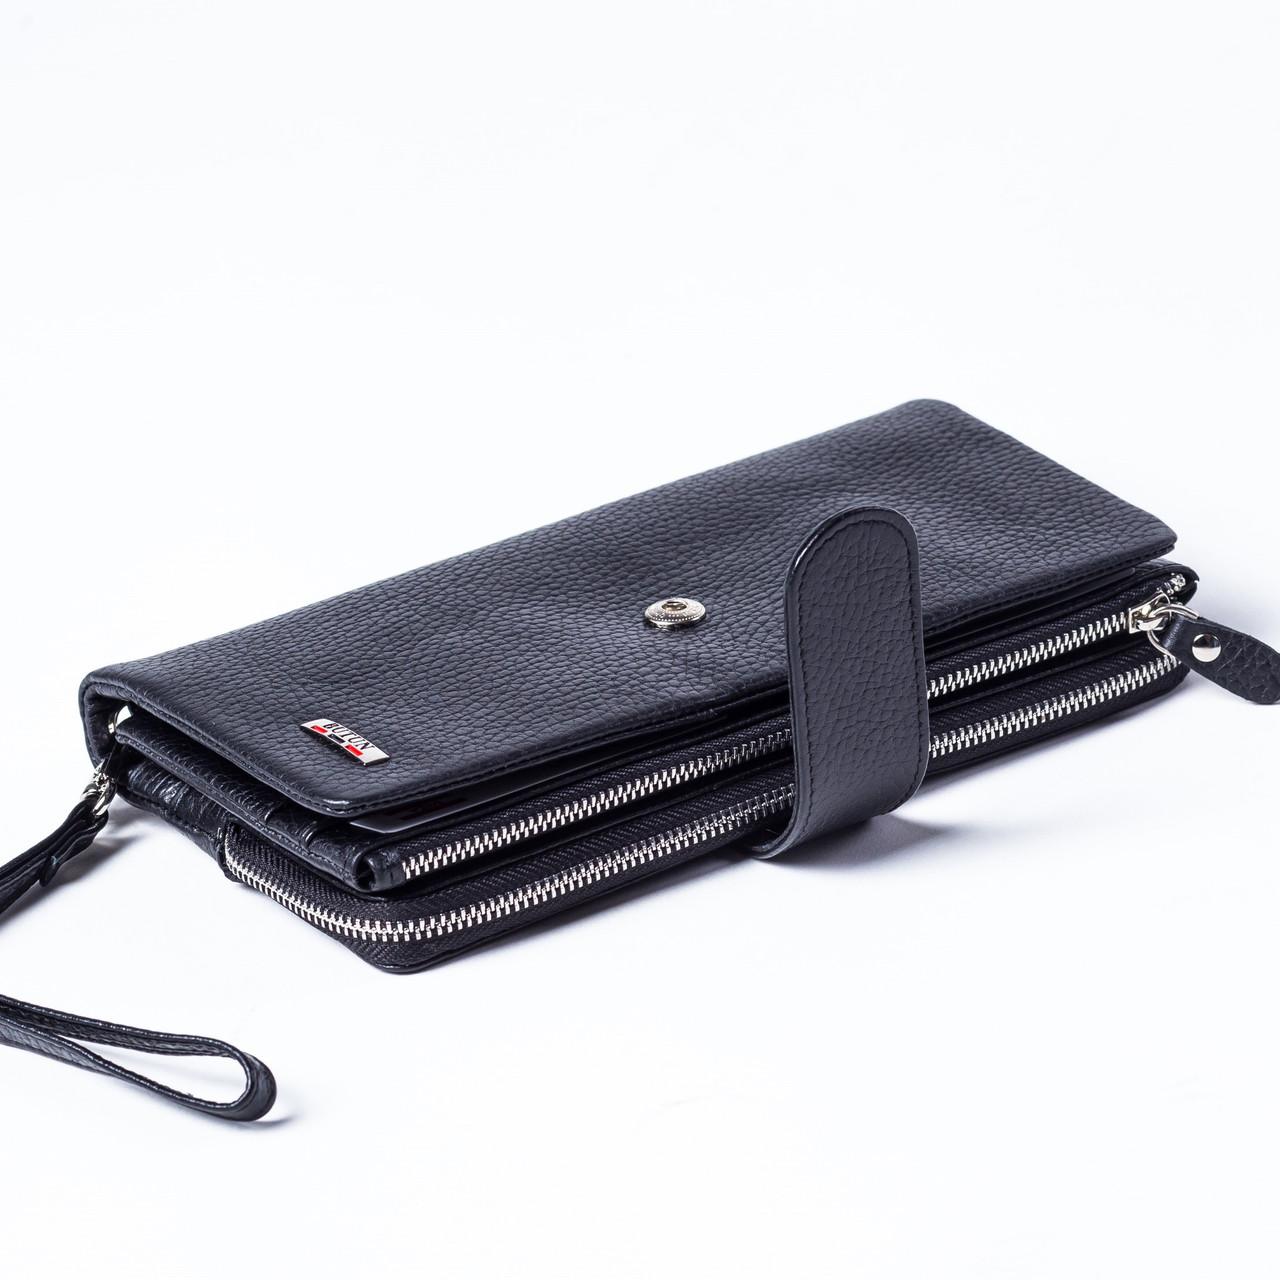 6b0f25e8e39c Мужской кошелек клатч кожаный черный BUTUN 022-004-001 - FainaModa магазин  кожаных изделий